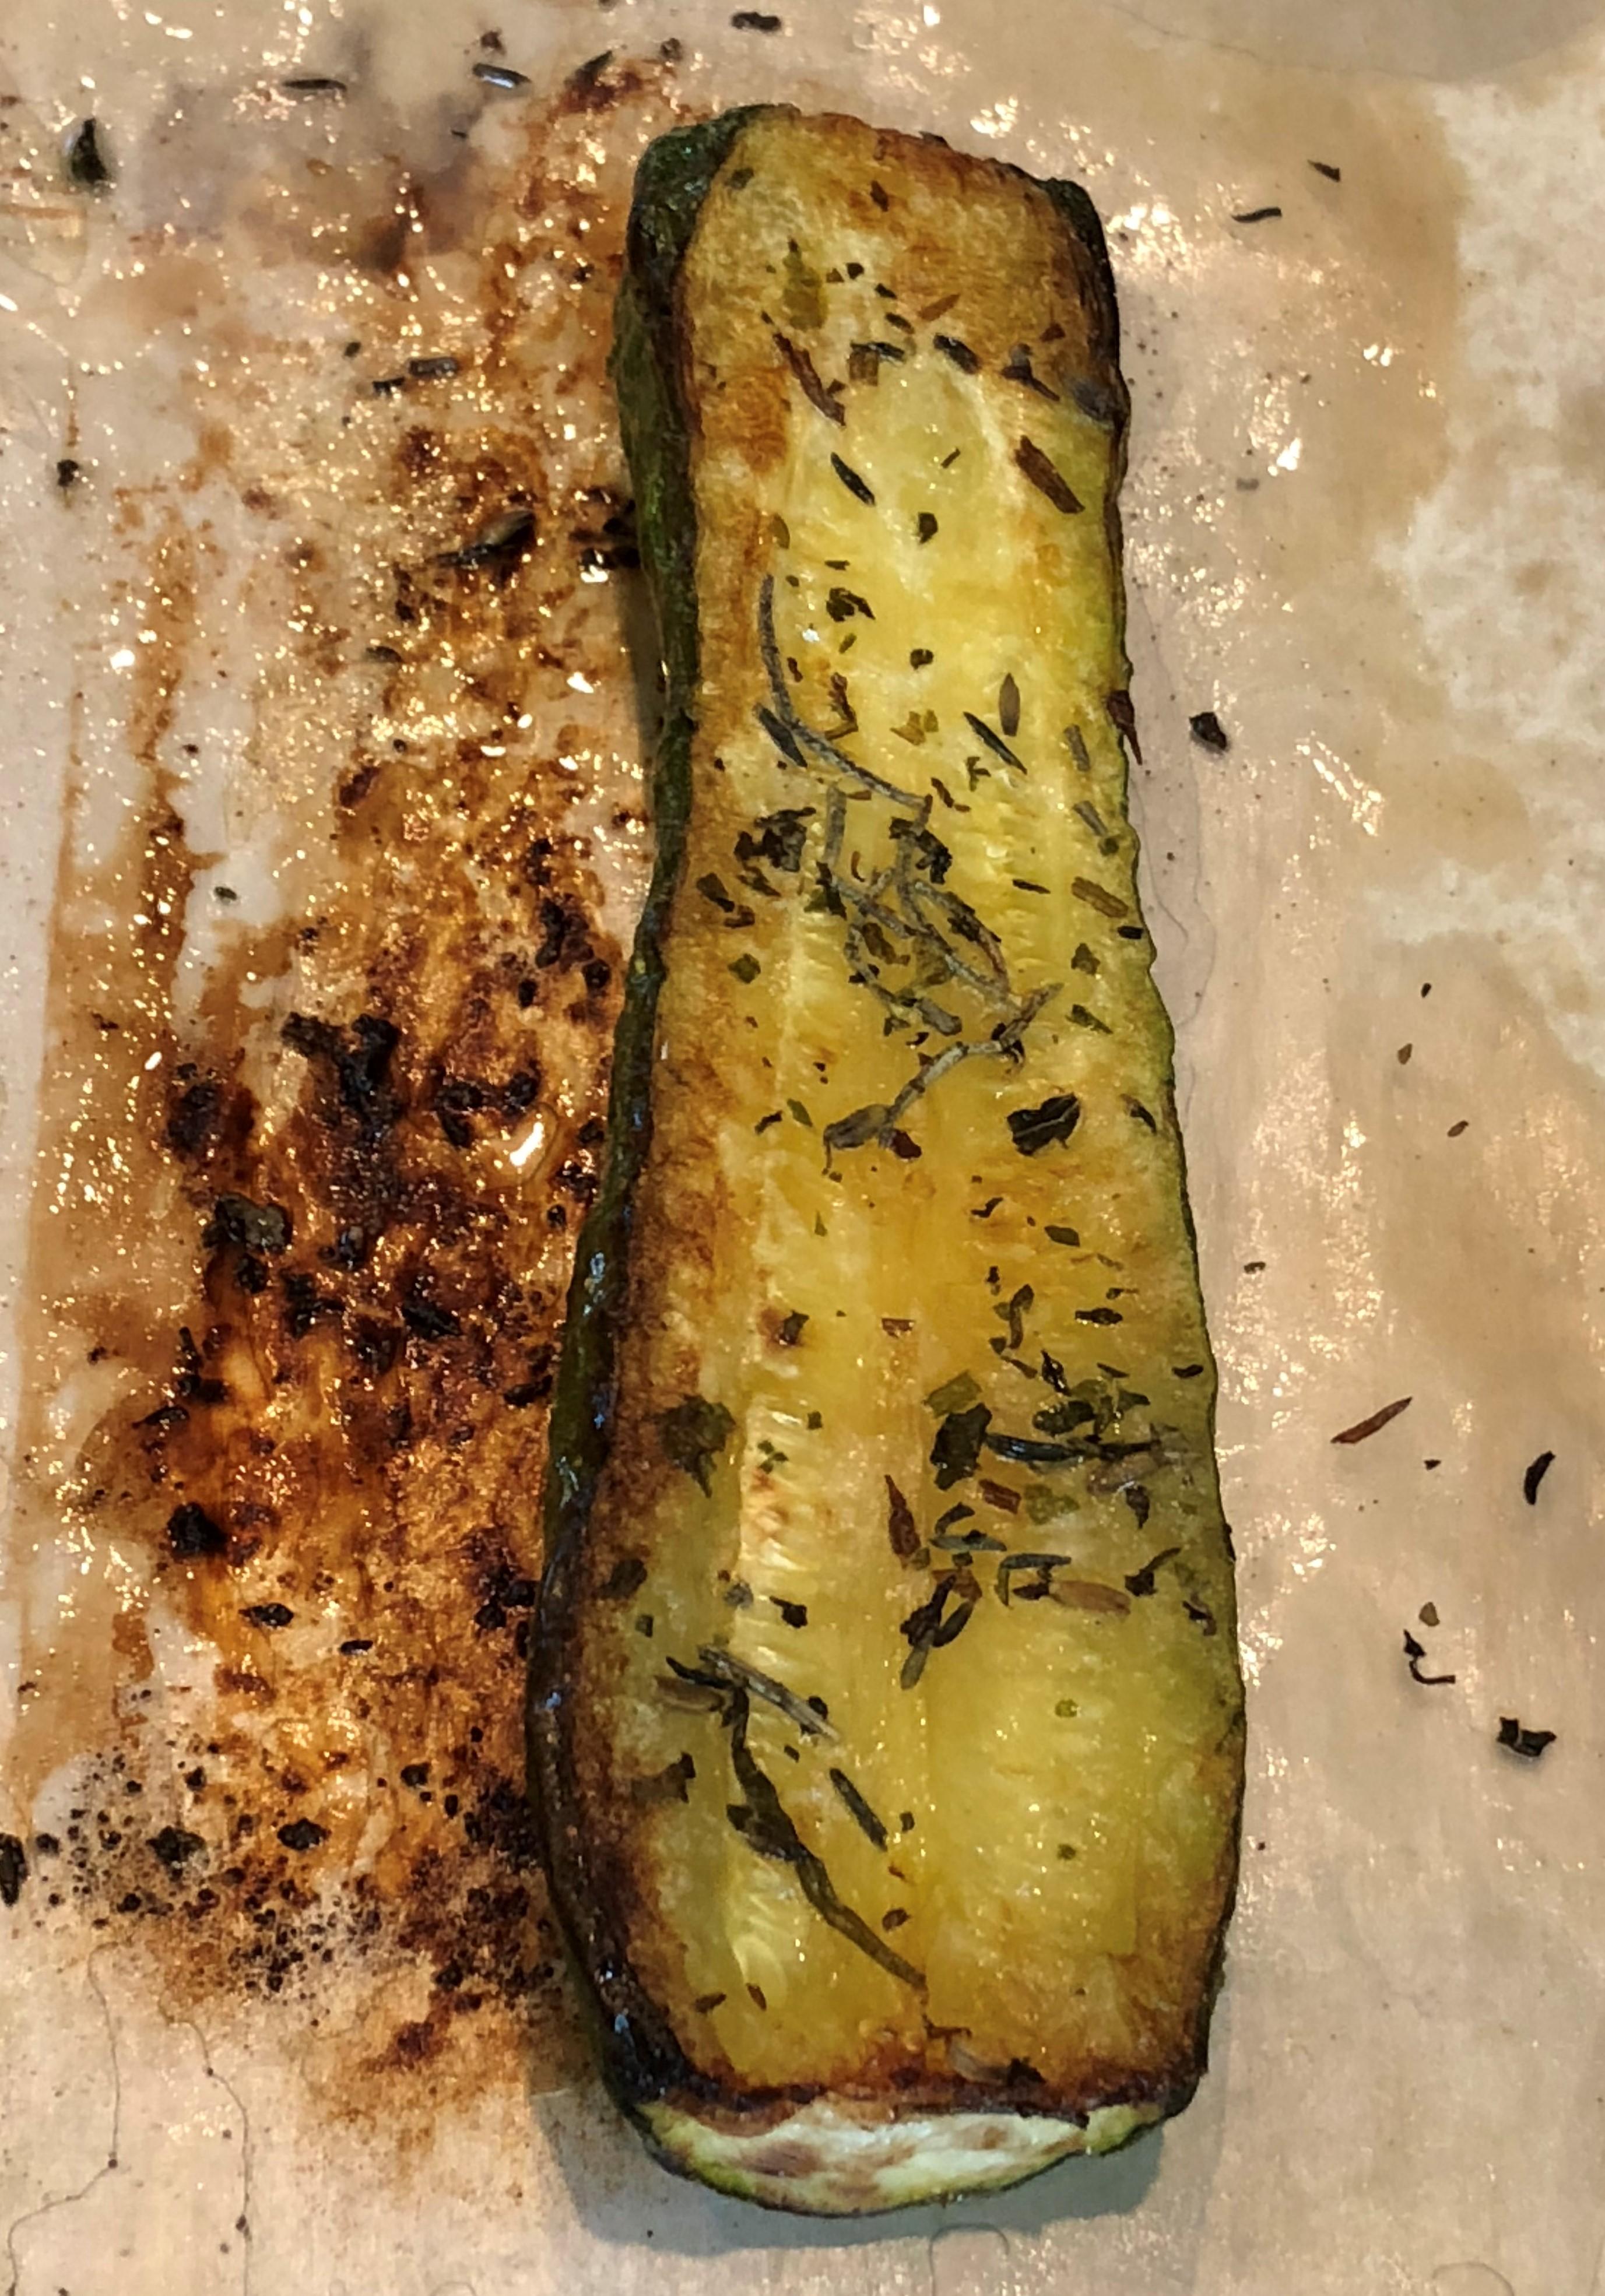 zucchiniherbsdeprovencesalt